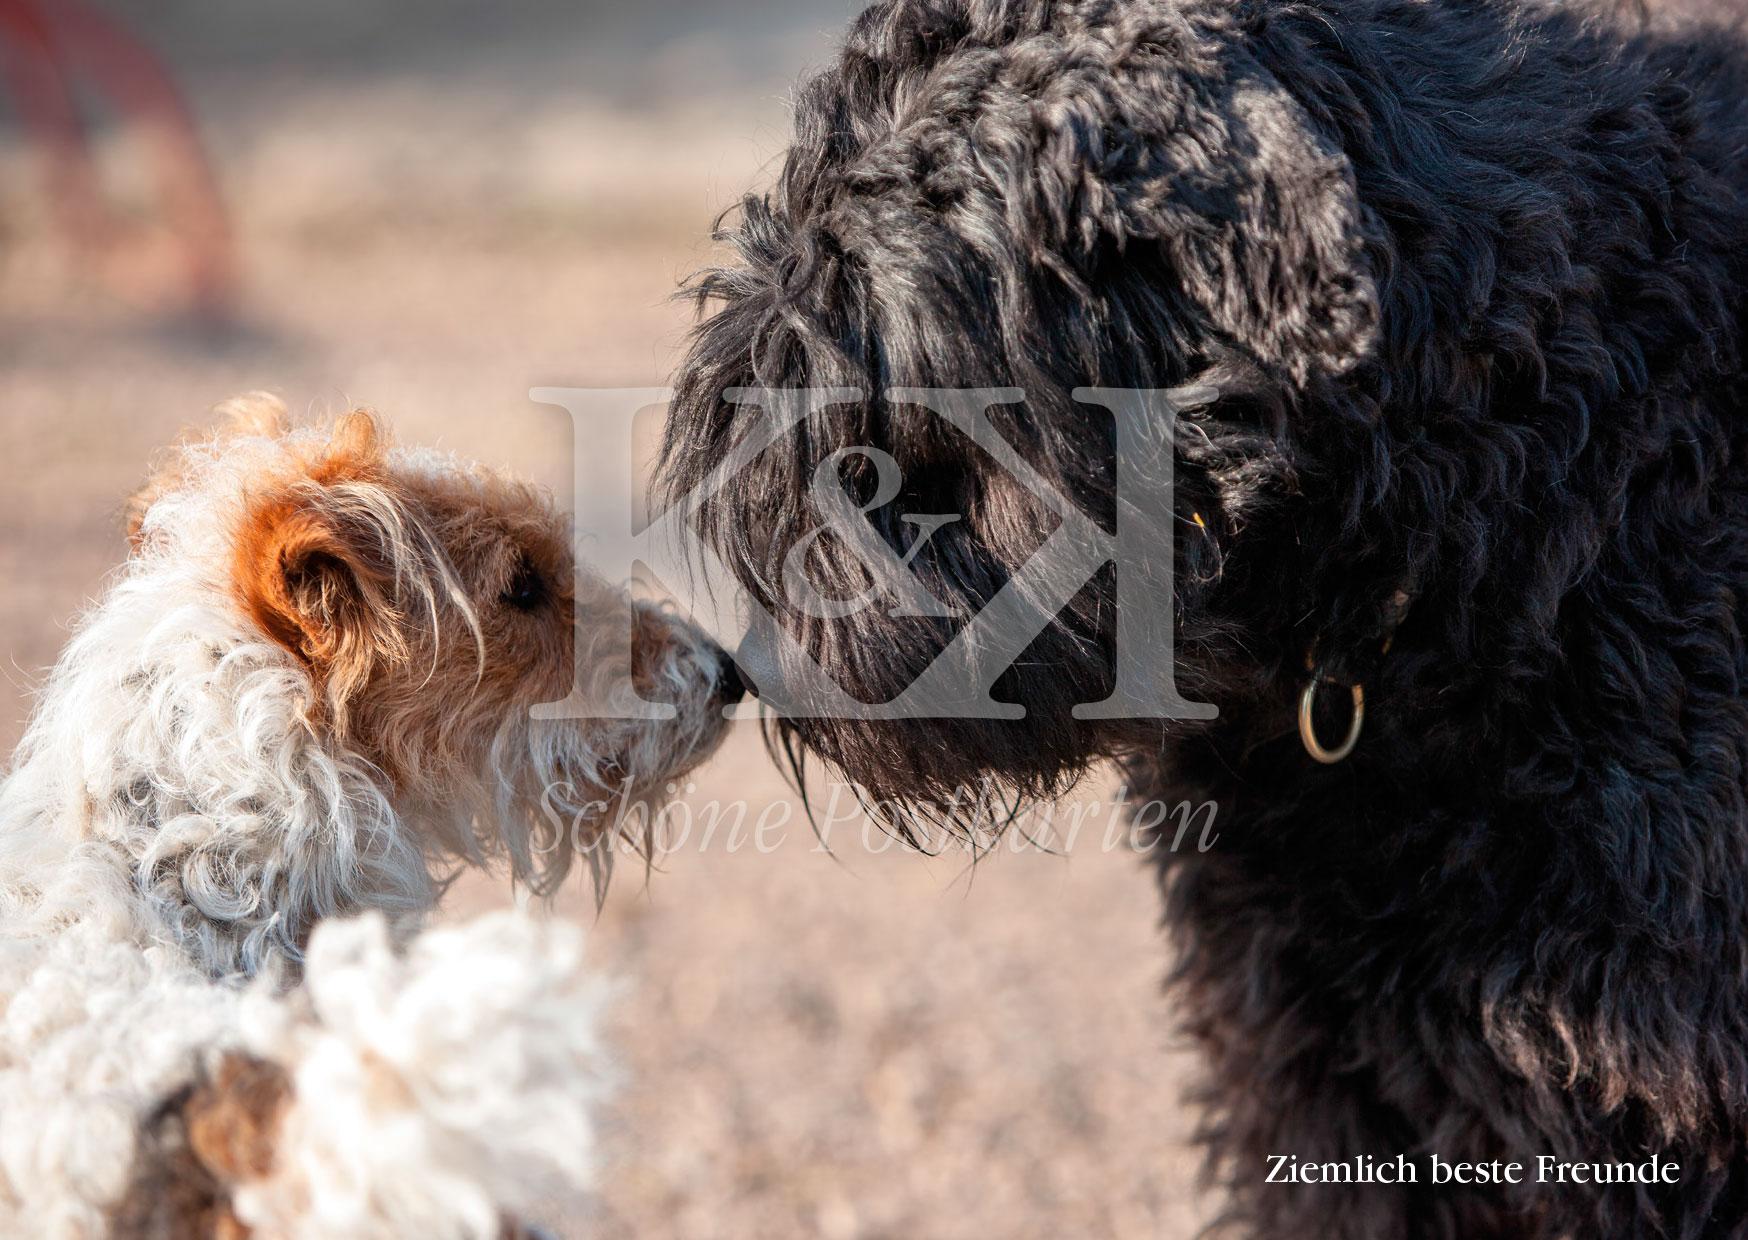 <strong>Schöne Postkarte Nr. 128</strong> · Fox und Bouvier: Ziemlich beste Freunde © 2018